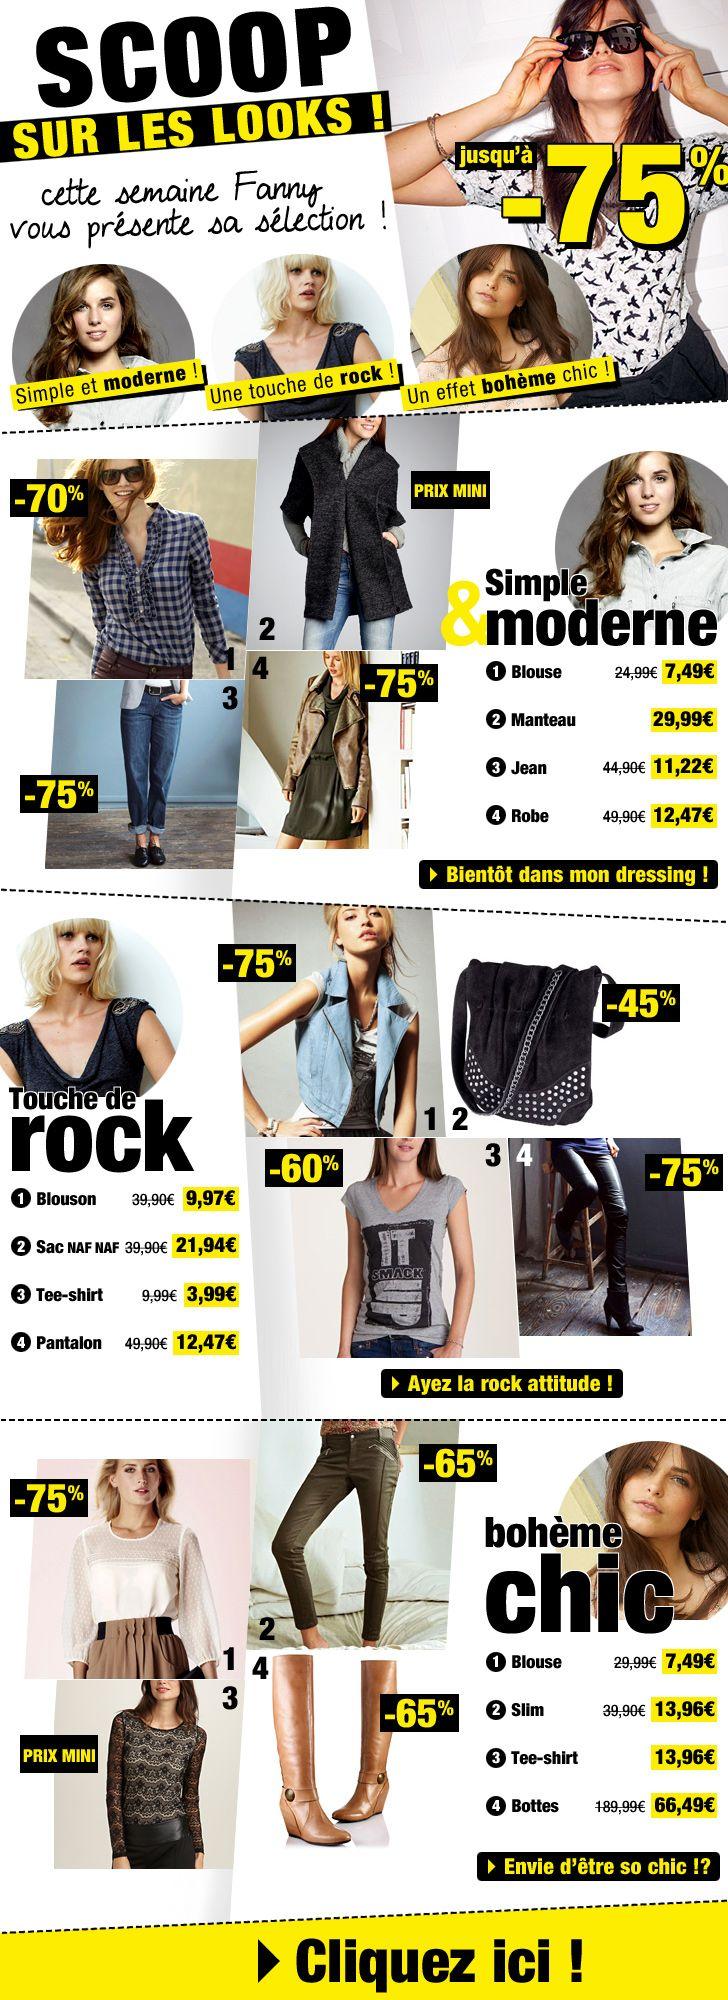 Scoop sur les looks ! 1 - boutique avec 3 sous-thématiques mode femme façon magazine / Octobre 2013 / Excedence.com  #emailretail #excedence  #EmailMarketing #DigitalMarketing #EmailDesign #EmailTemplate #SocialMedia #EmailNewsletters #EmailRetail #excedence #destockagemode